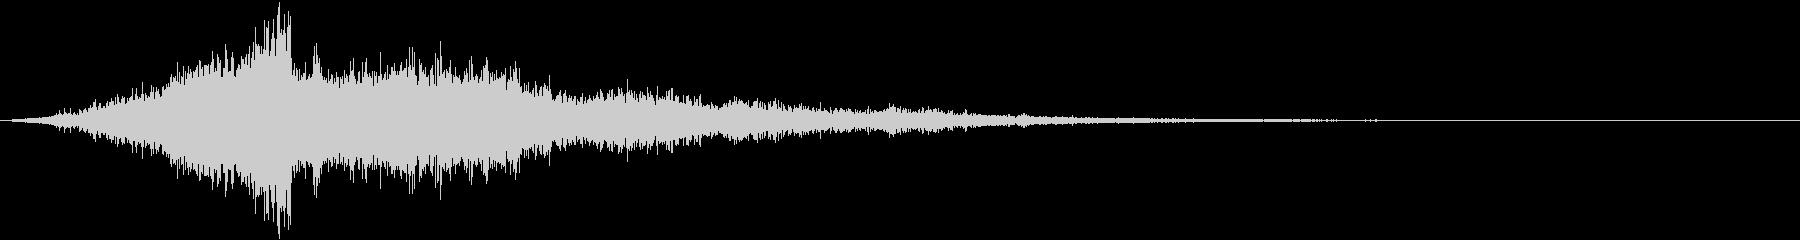 映画・映像用サウンドロゴ (FX)_03の未再生の波形